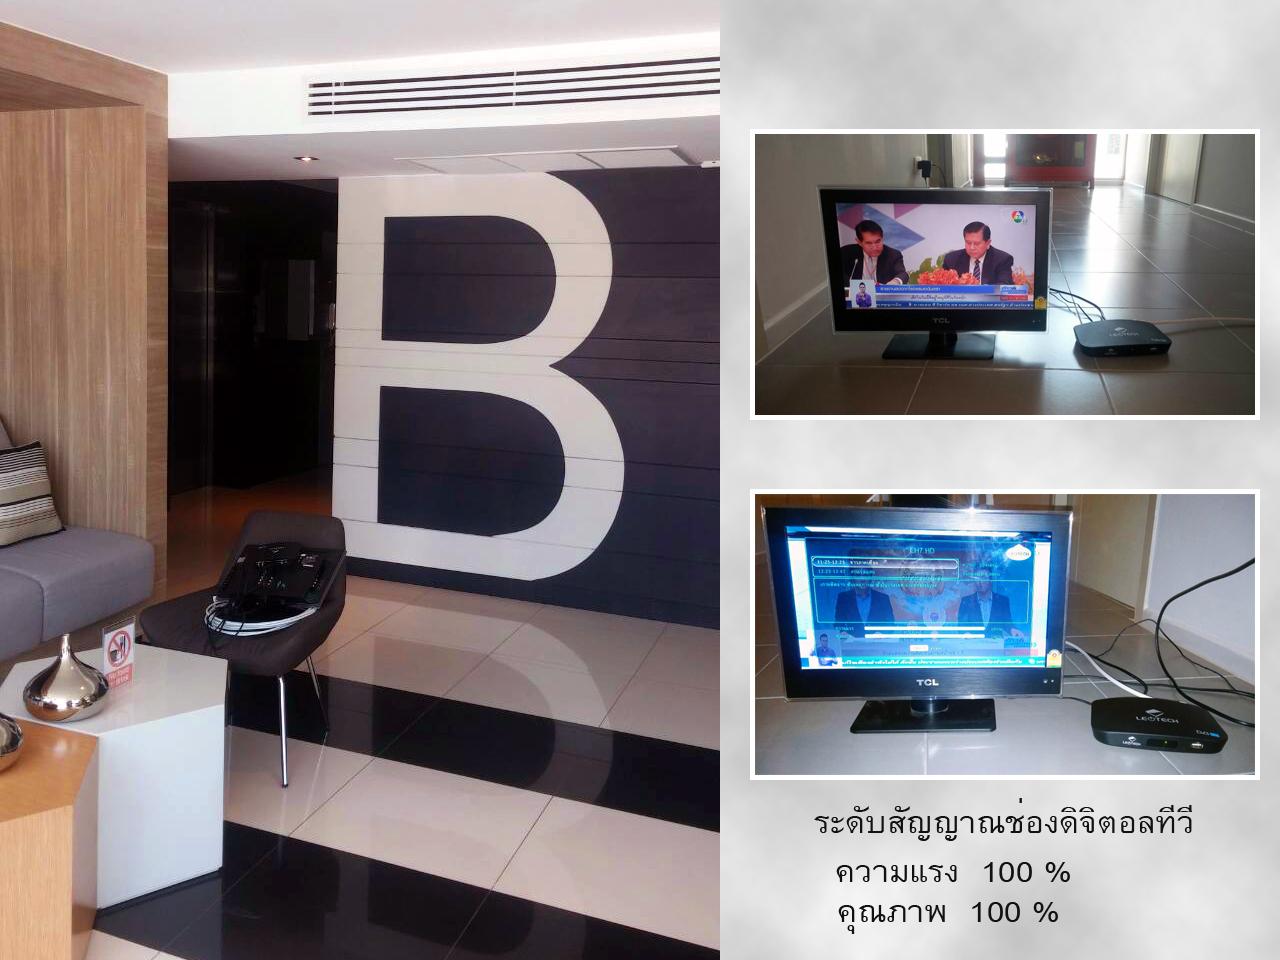 ทดสัญญาณดิจิตอลทีวี ที่อาคาร B